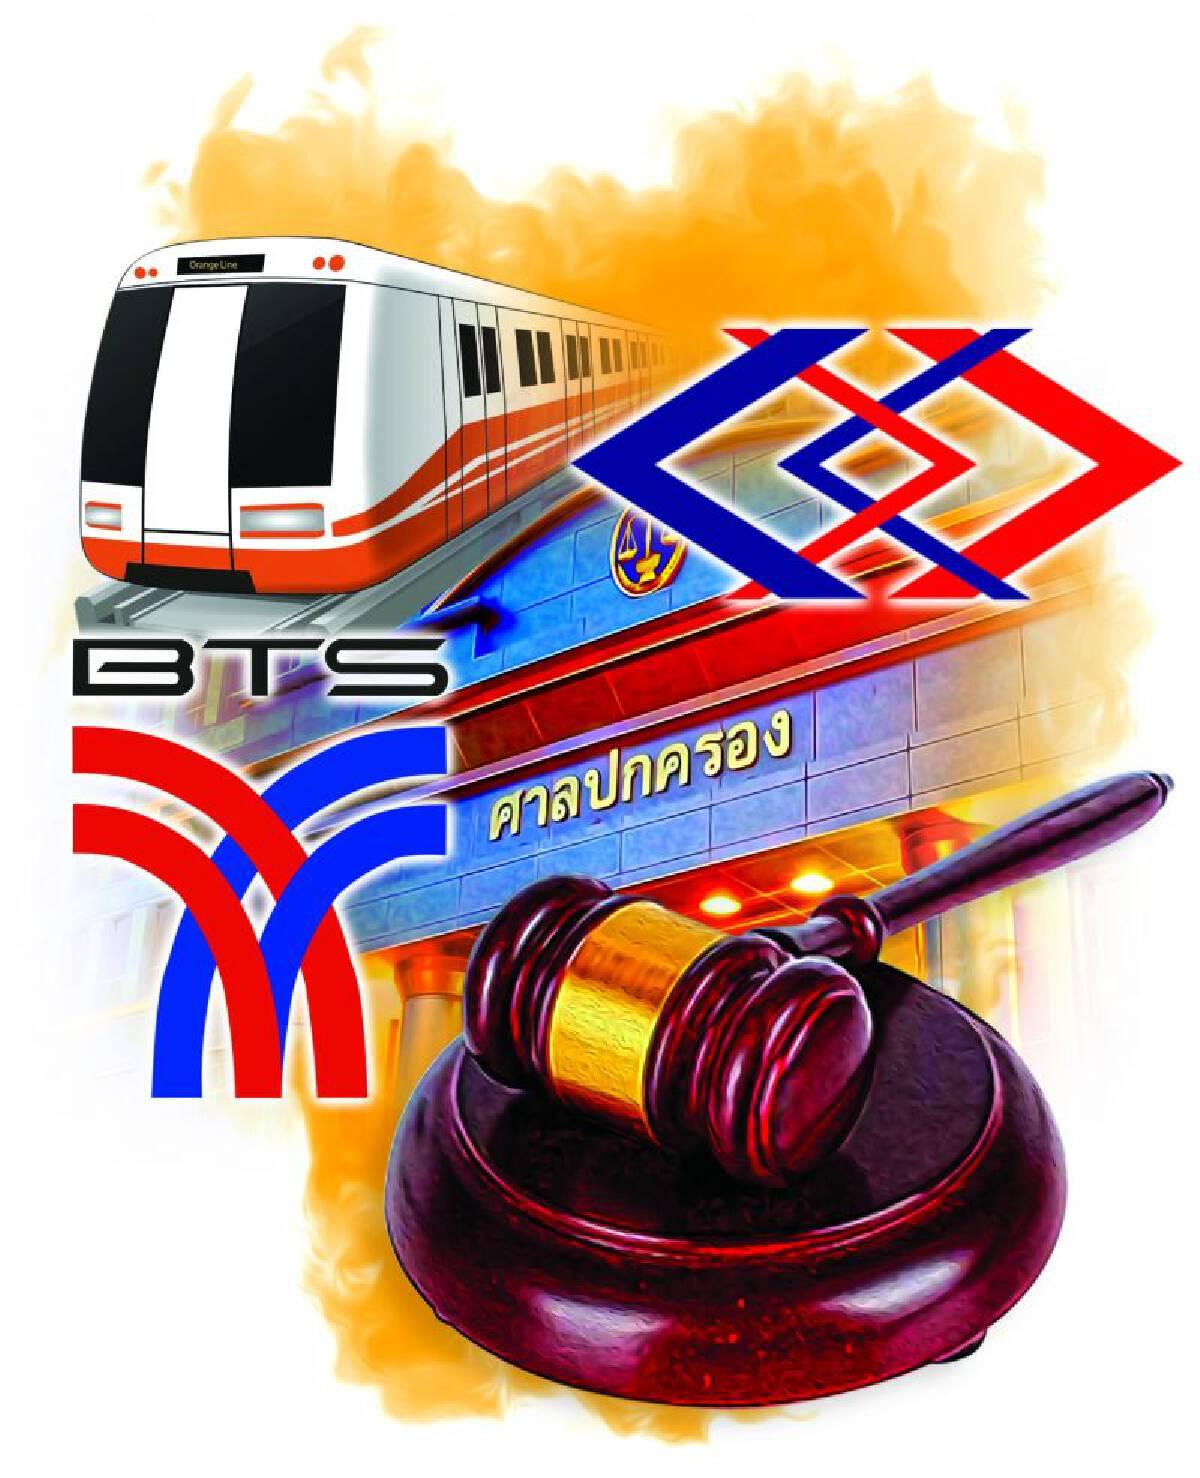 """ลุ้นระทึก! ศาลชี้ขาด  รื้อเกณฑ์ TOR  รถไฟฟ้า """"สายสีส้ม"""""""